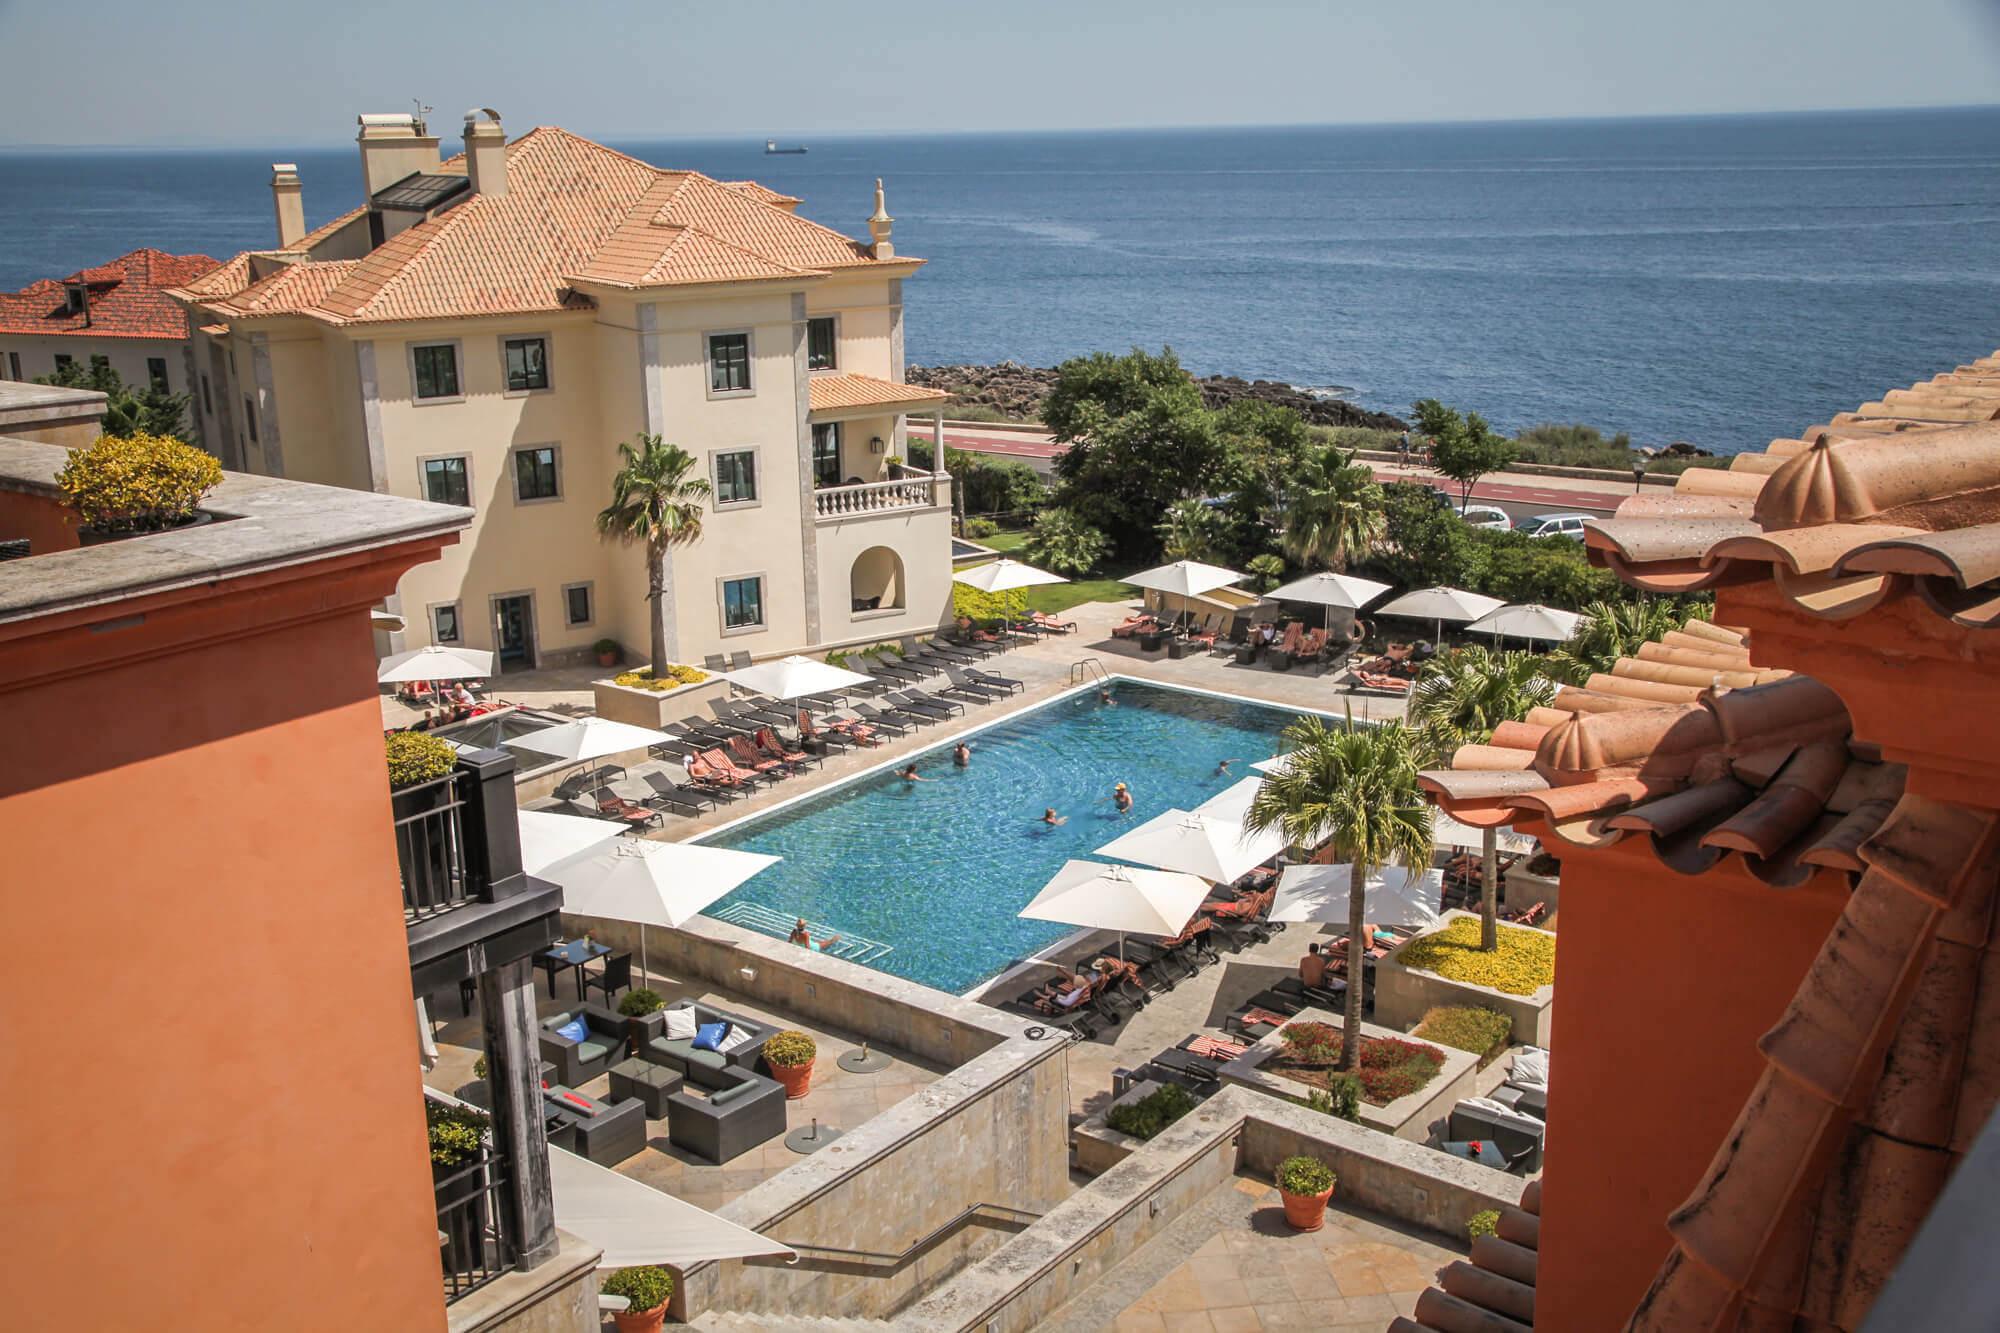 Grande Real Villa Italia Cascais ocean view